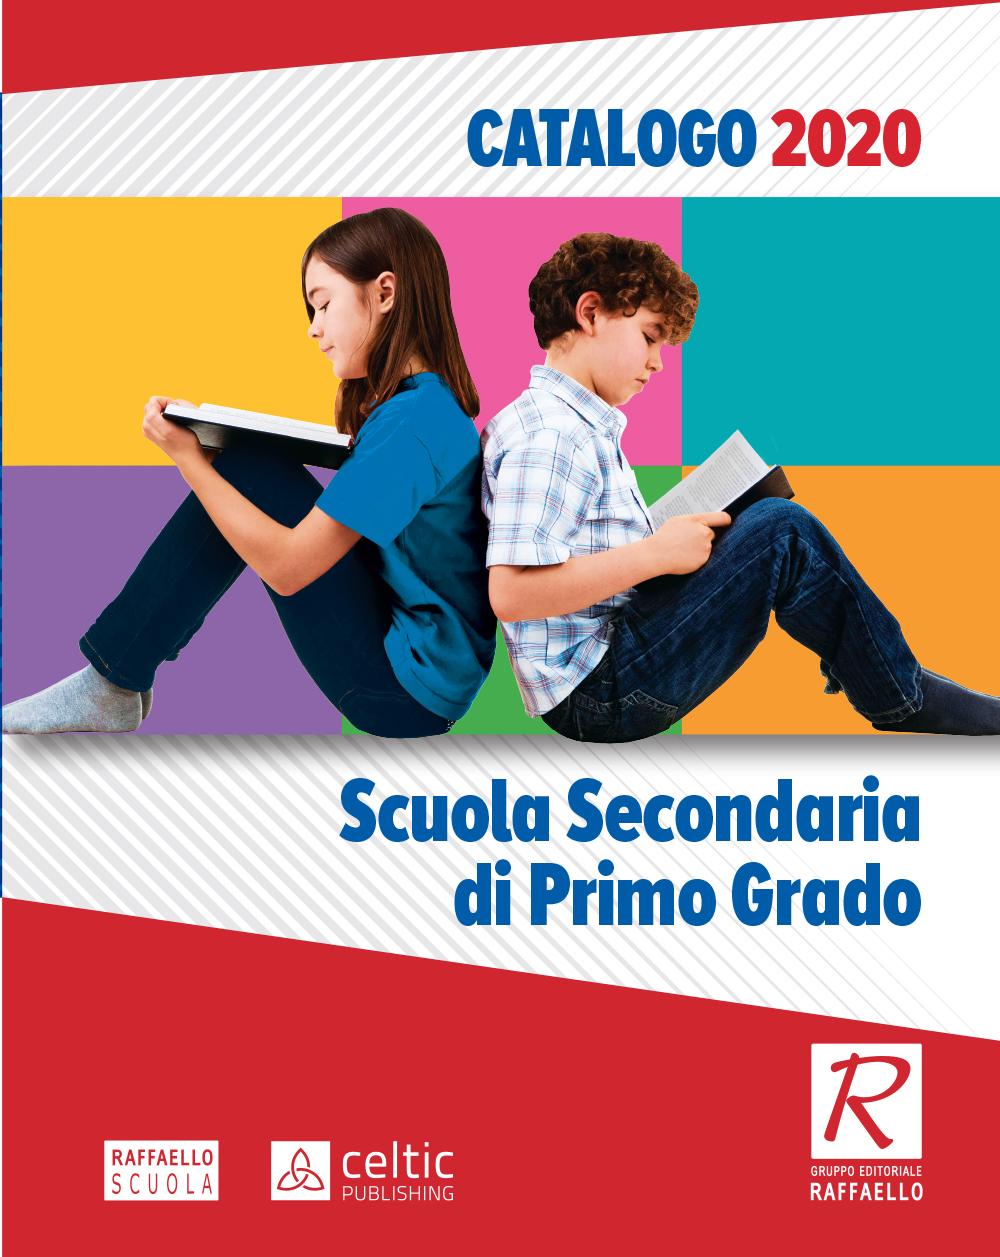 Scuola Secondaria di I Grado 2020